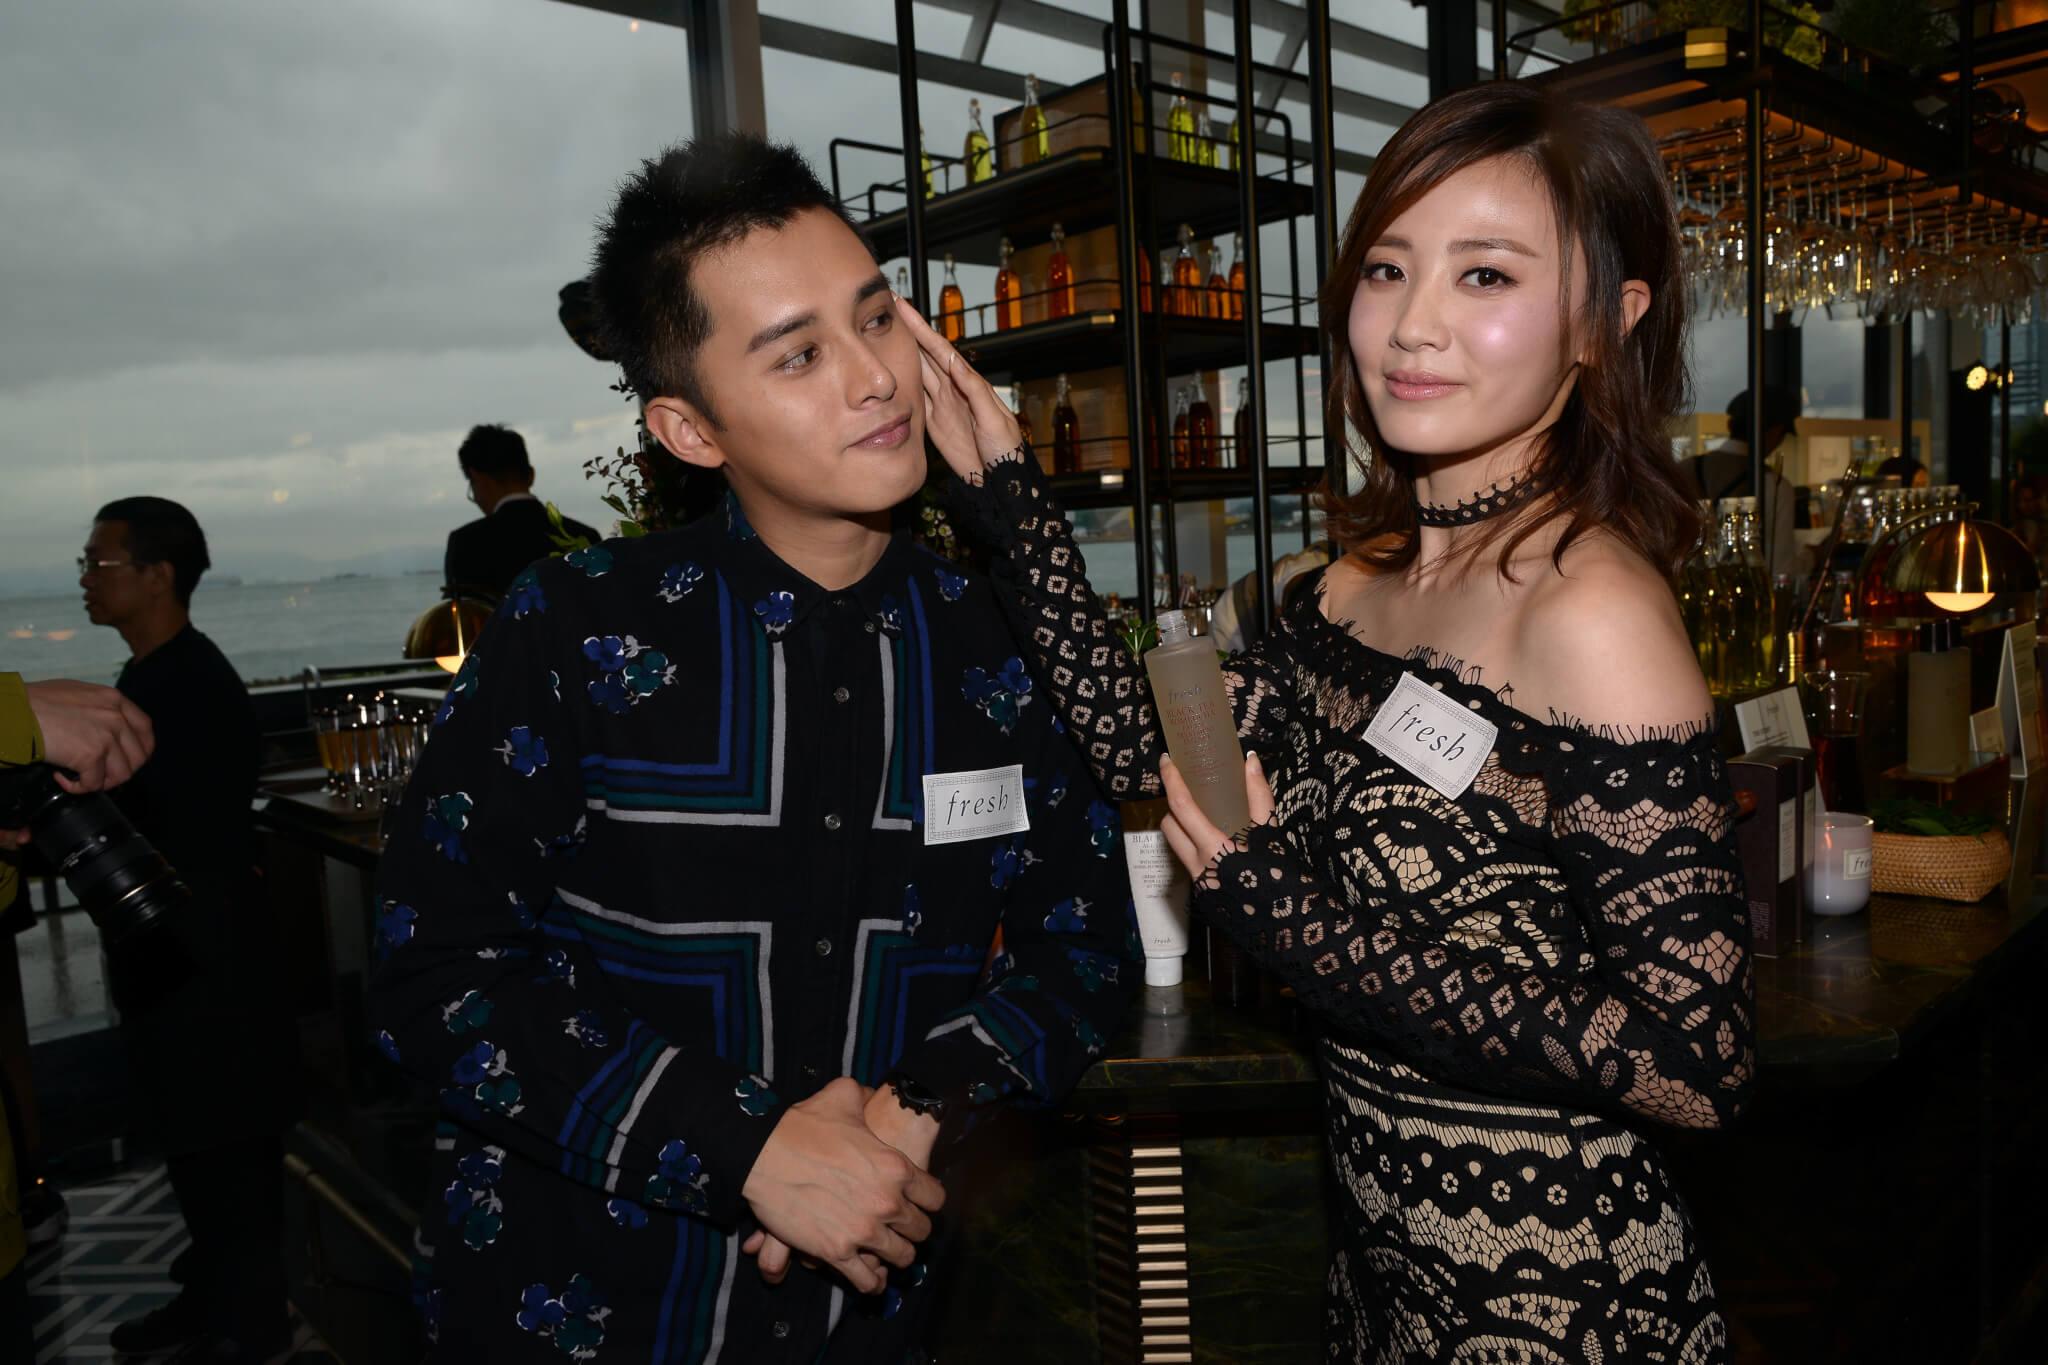 何廣沛剛與朱晨麗(朱朱)在泰國度過其三十一歲的生日,感情看似火速升溫,不過朱朱表示此行還有家長和小朋友。